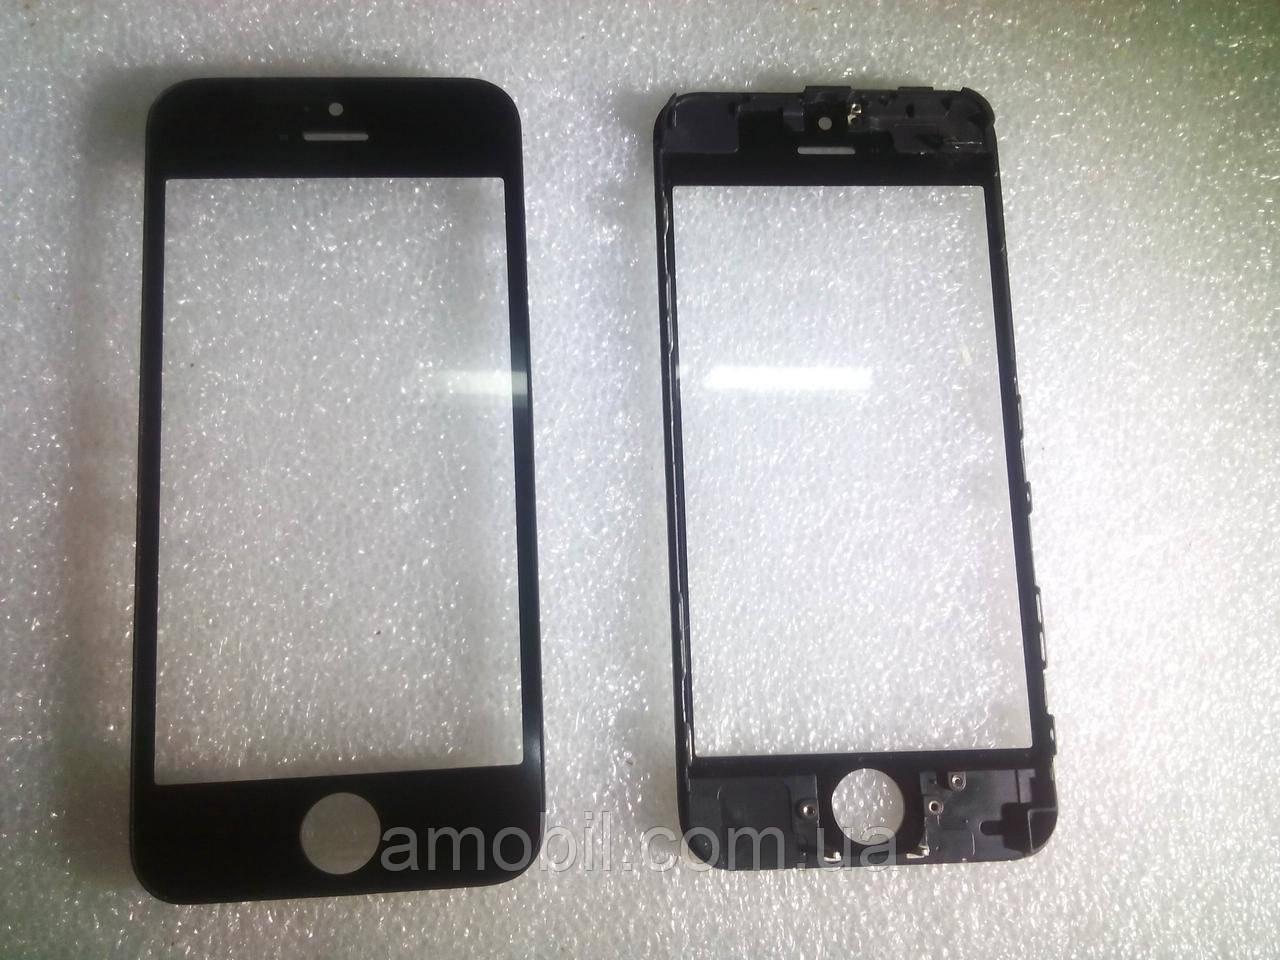 Стекло с дисплейной рамкой и OCA плёнкой для iPhone 5 чёрное orig